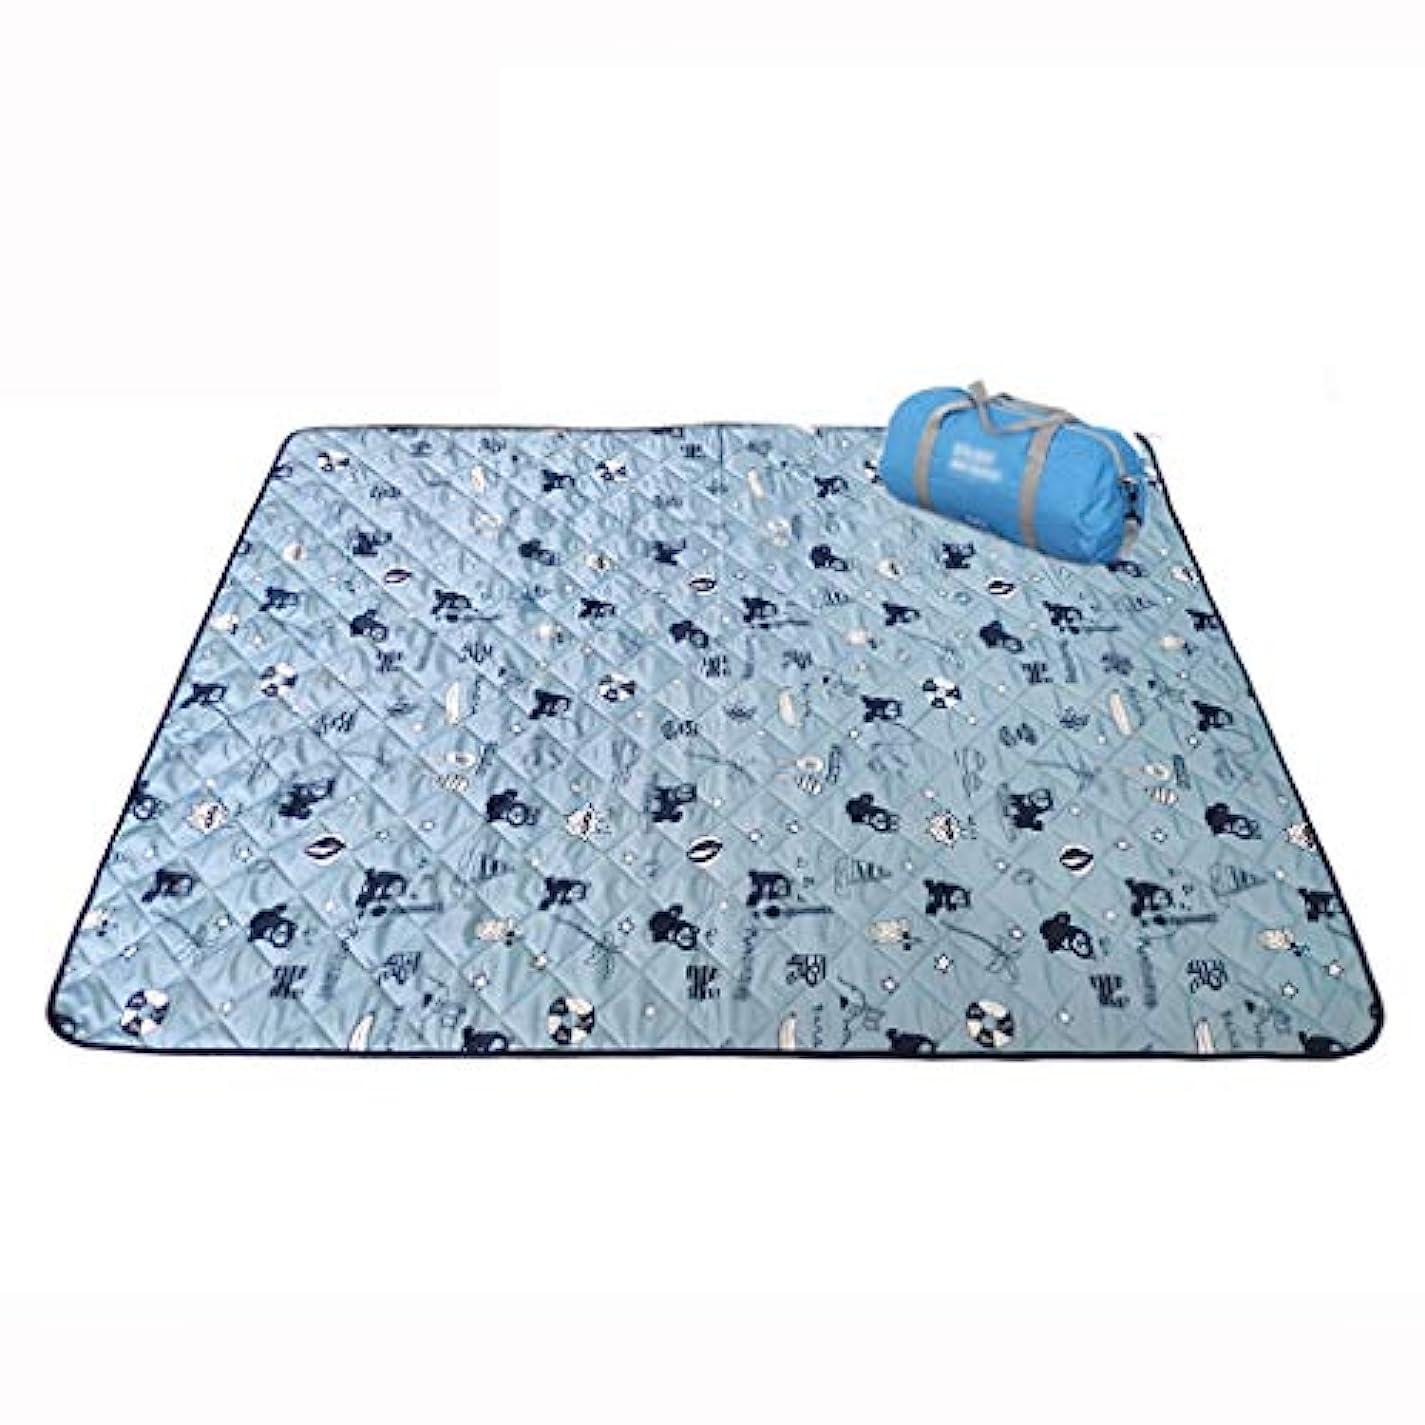 既婚湿度反動屋外ピクニック毛布折りたたみ式ビーチマットピクニックマット防水サンドプルーフキャンプでハンドル家族の日中、旅行150 * 200 cm